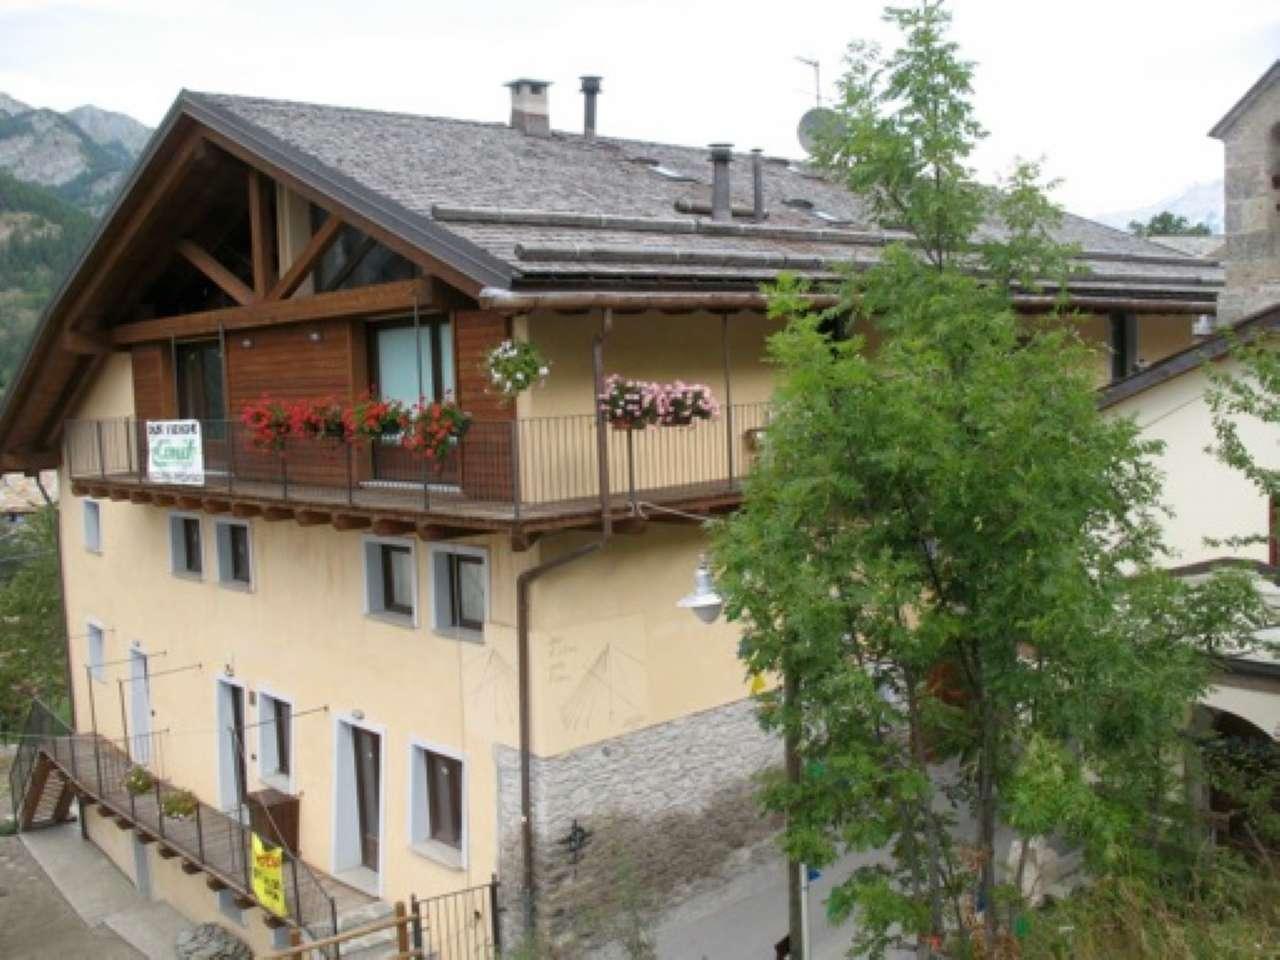 Appartamento in vendita a Cesana Torinese, 2 locali, prezzo € 80.000 | CambioCasa.it